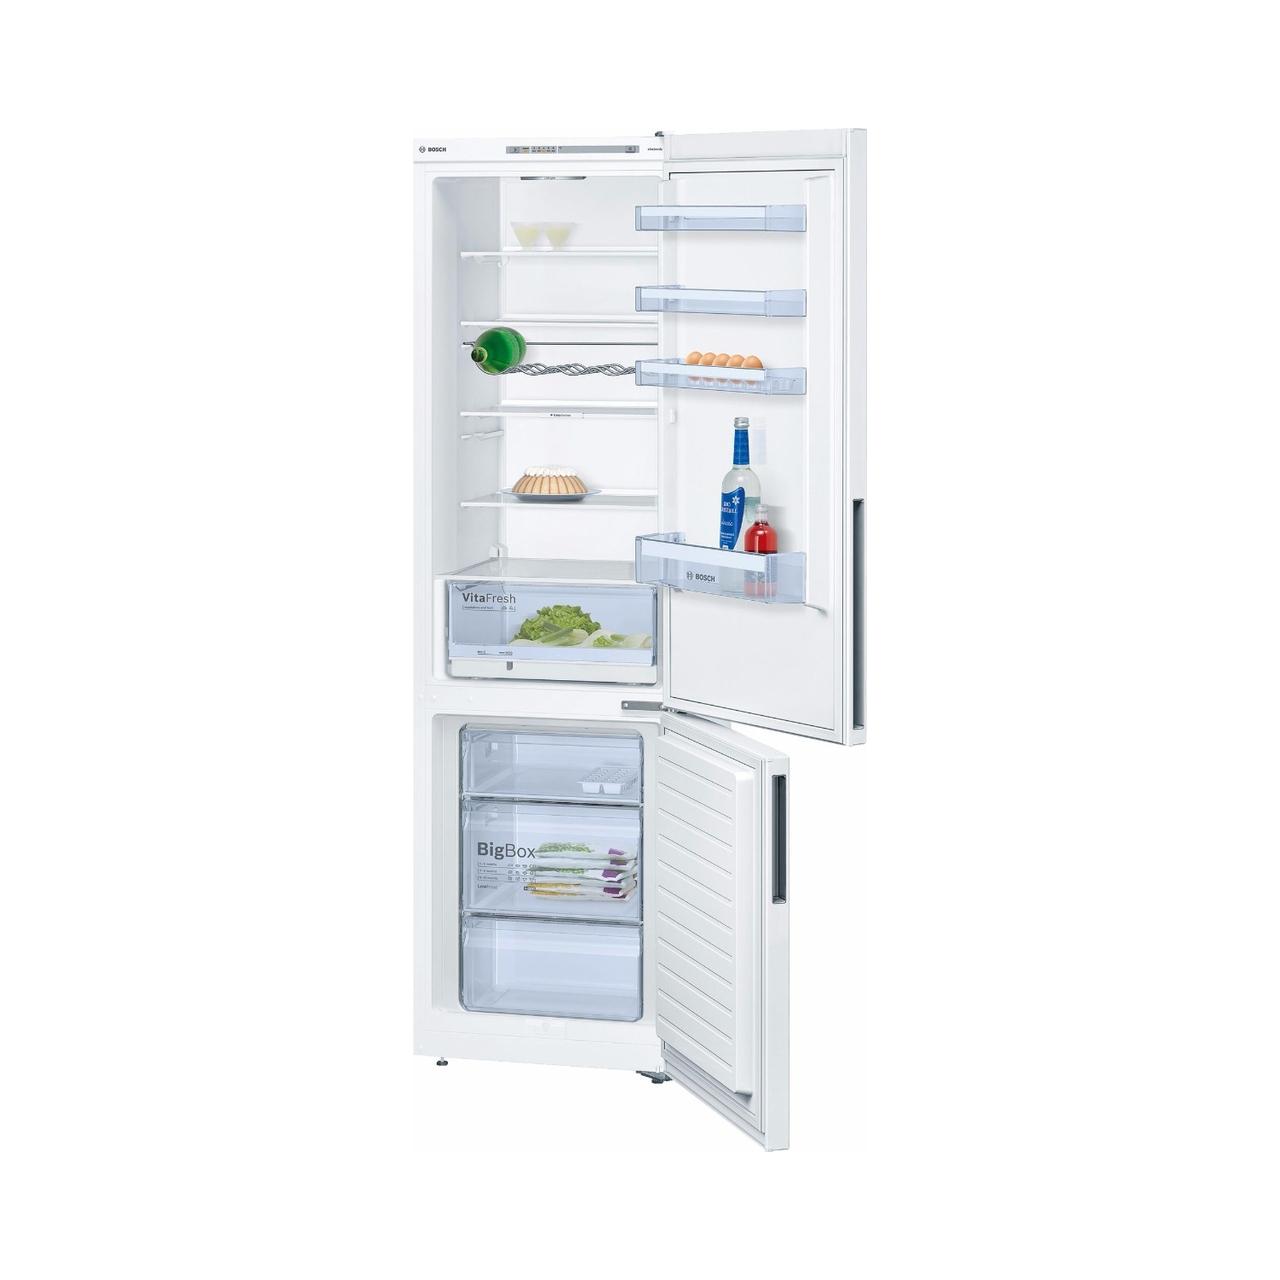 Tủ lạnh đơn BOSCH KGV39VW31 Serie 4